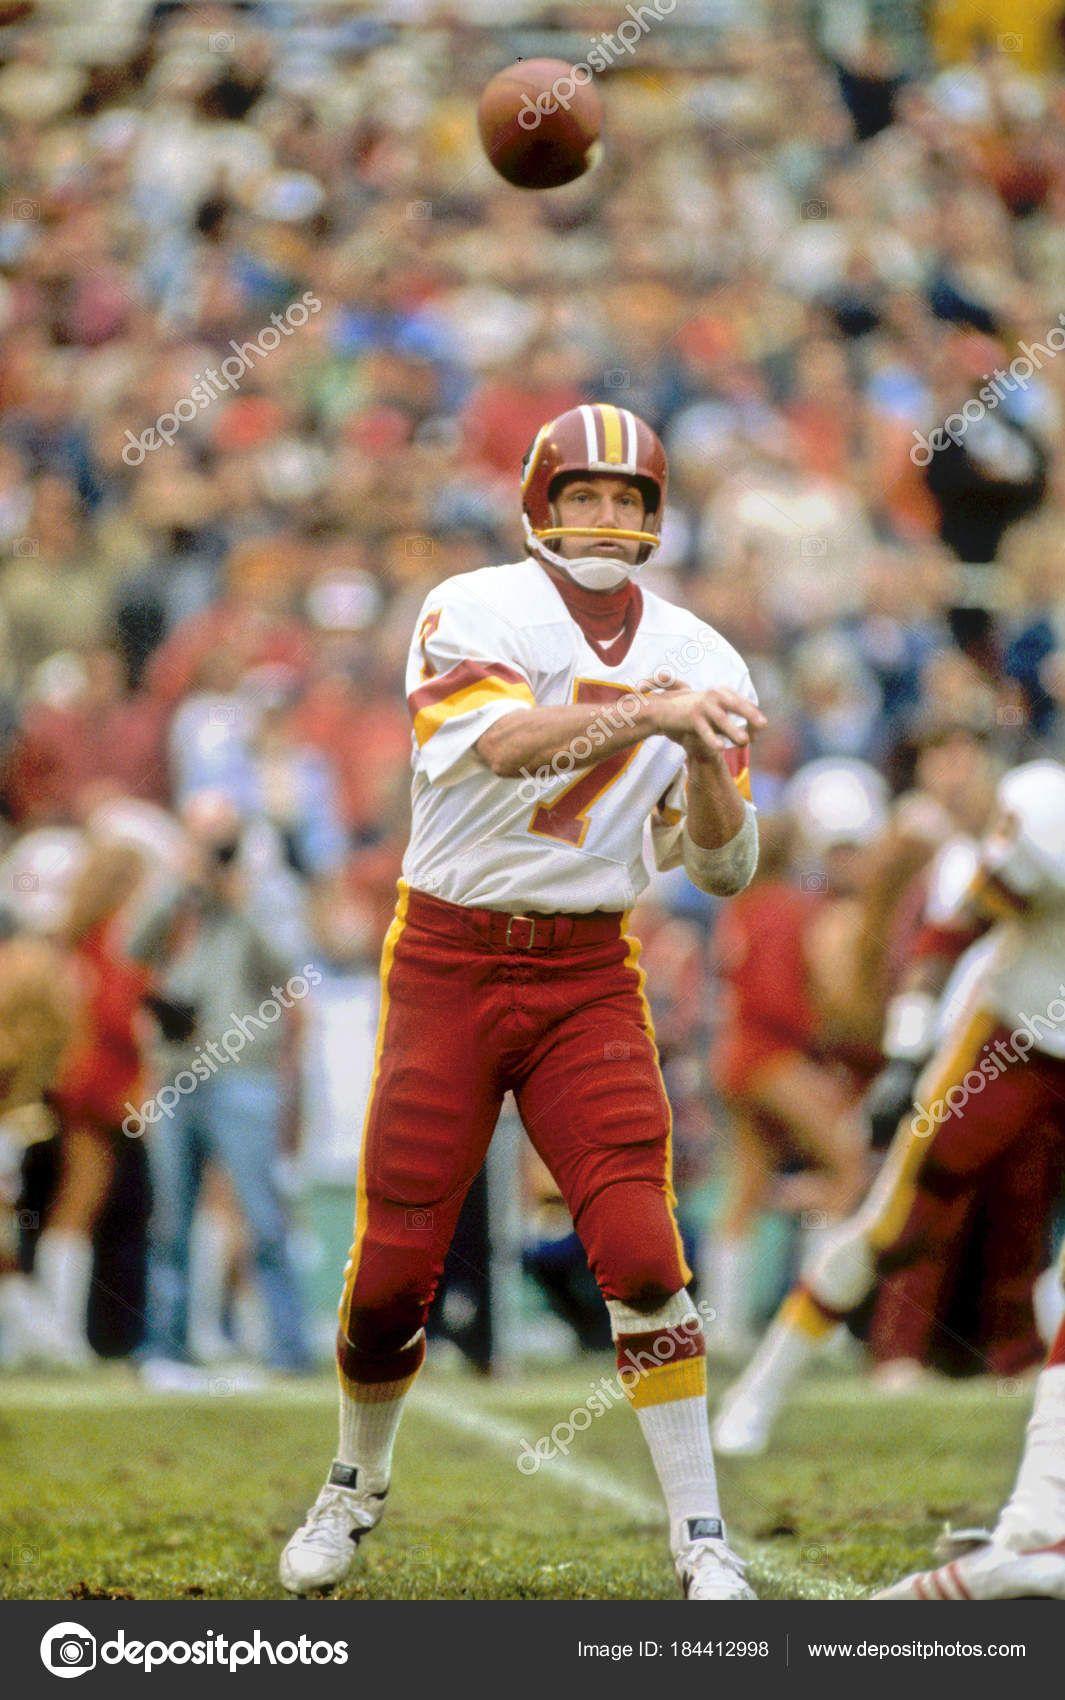 Joe theismann quarterback washington redskins stock